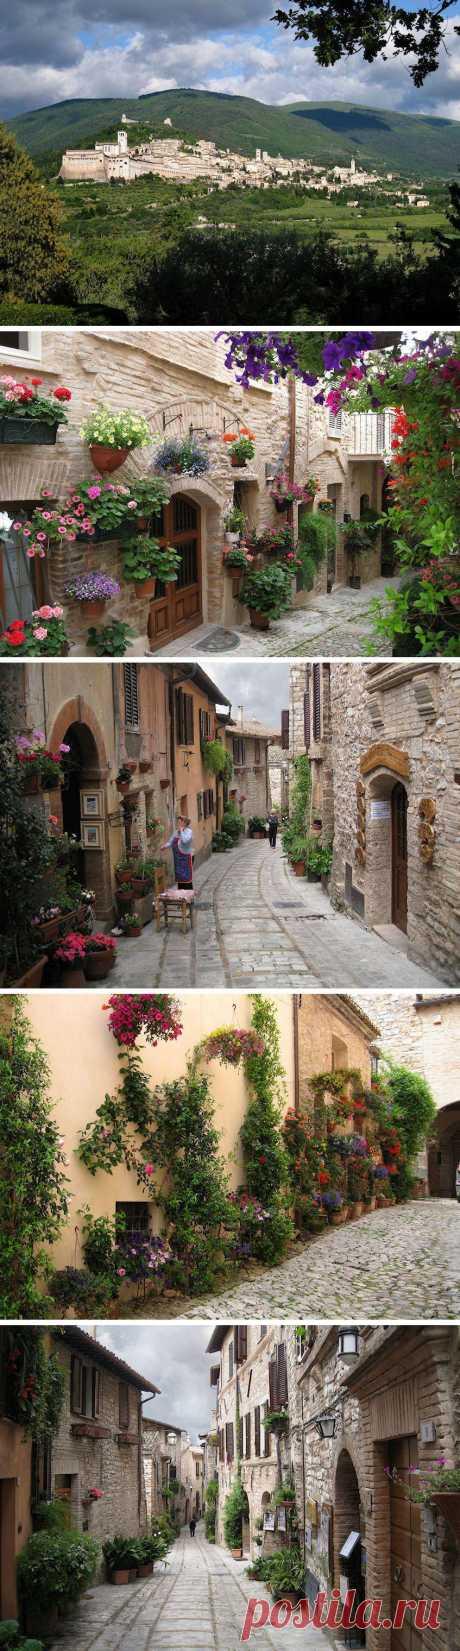 Старые цветущие улицы прекрасного небольшого городка Спелло, Италия